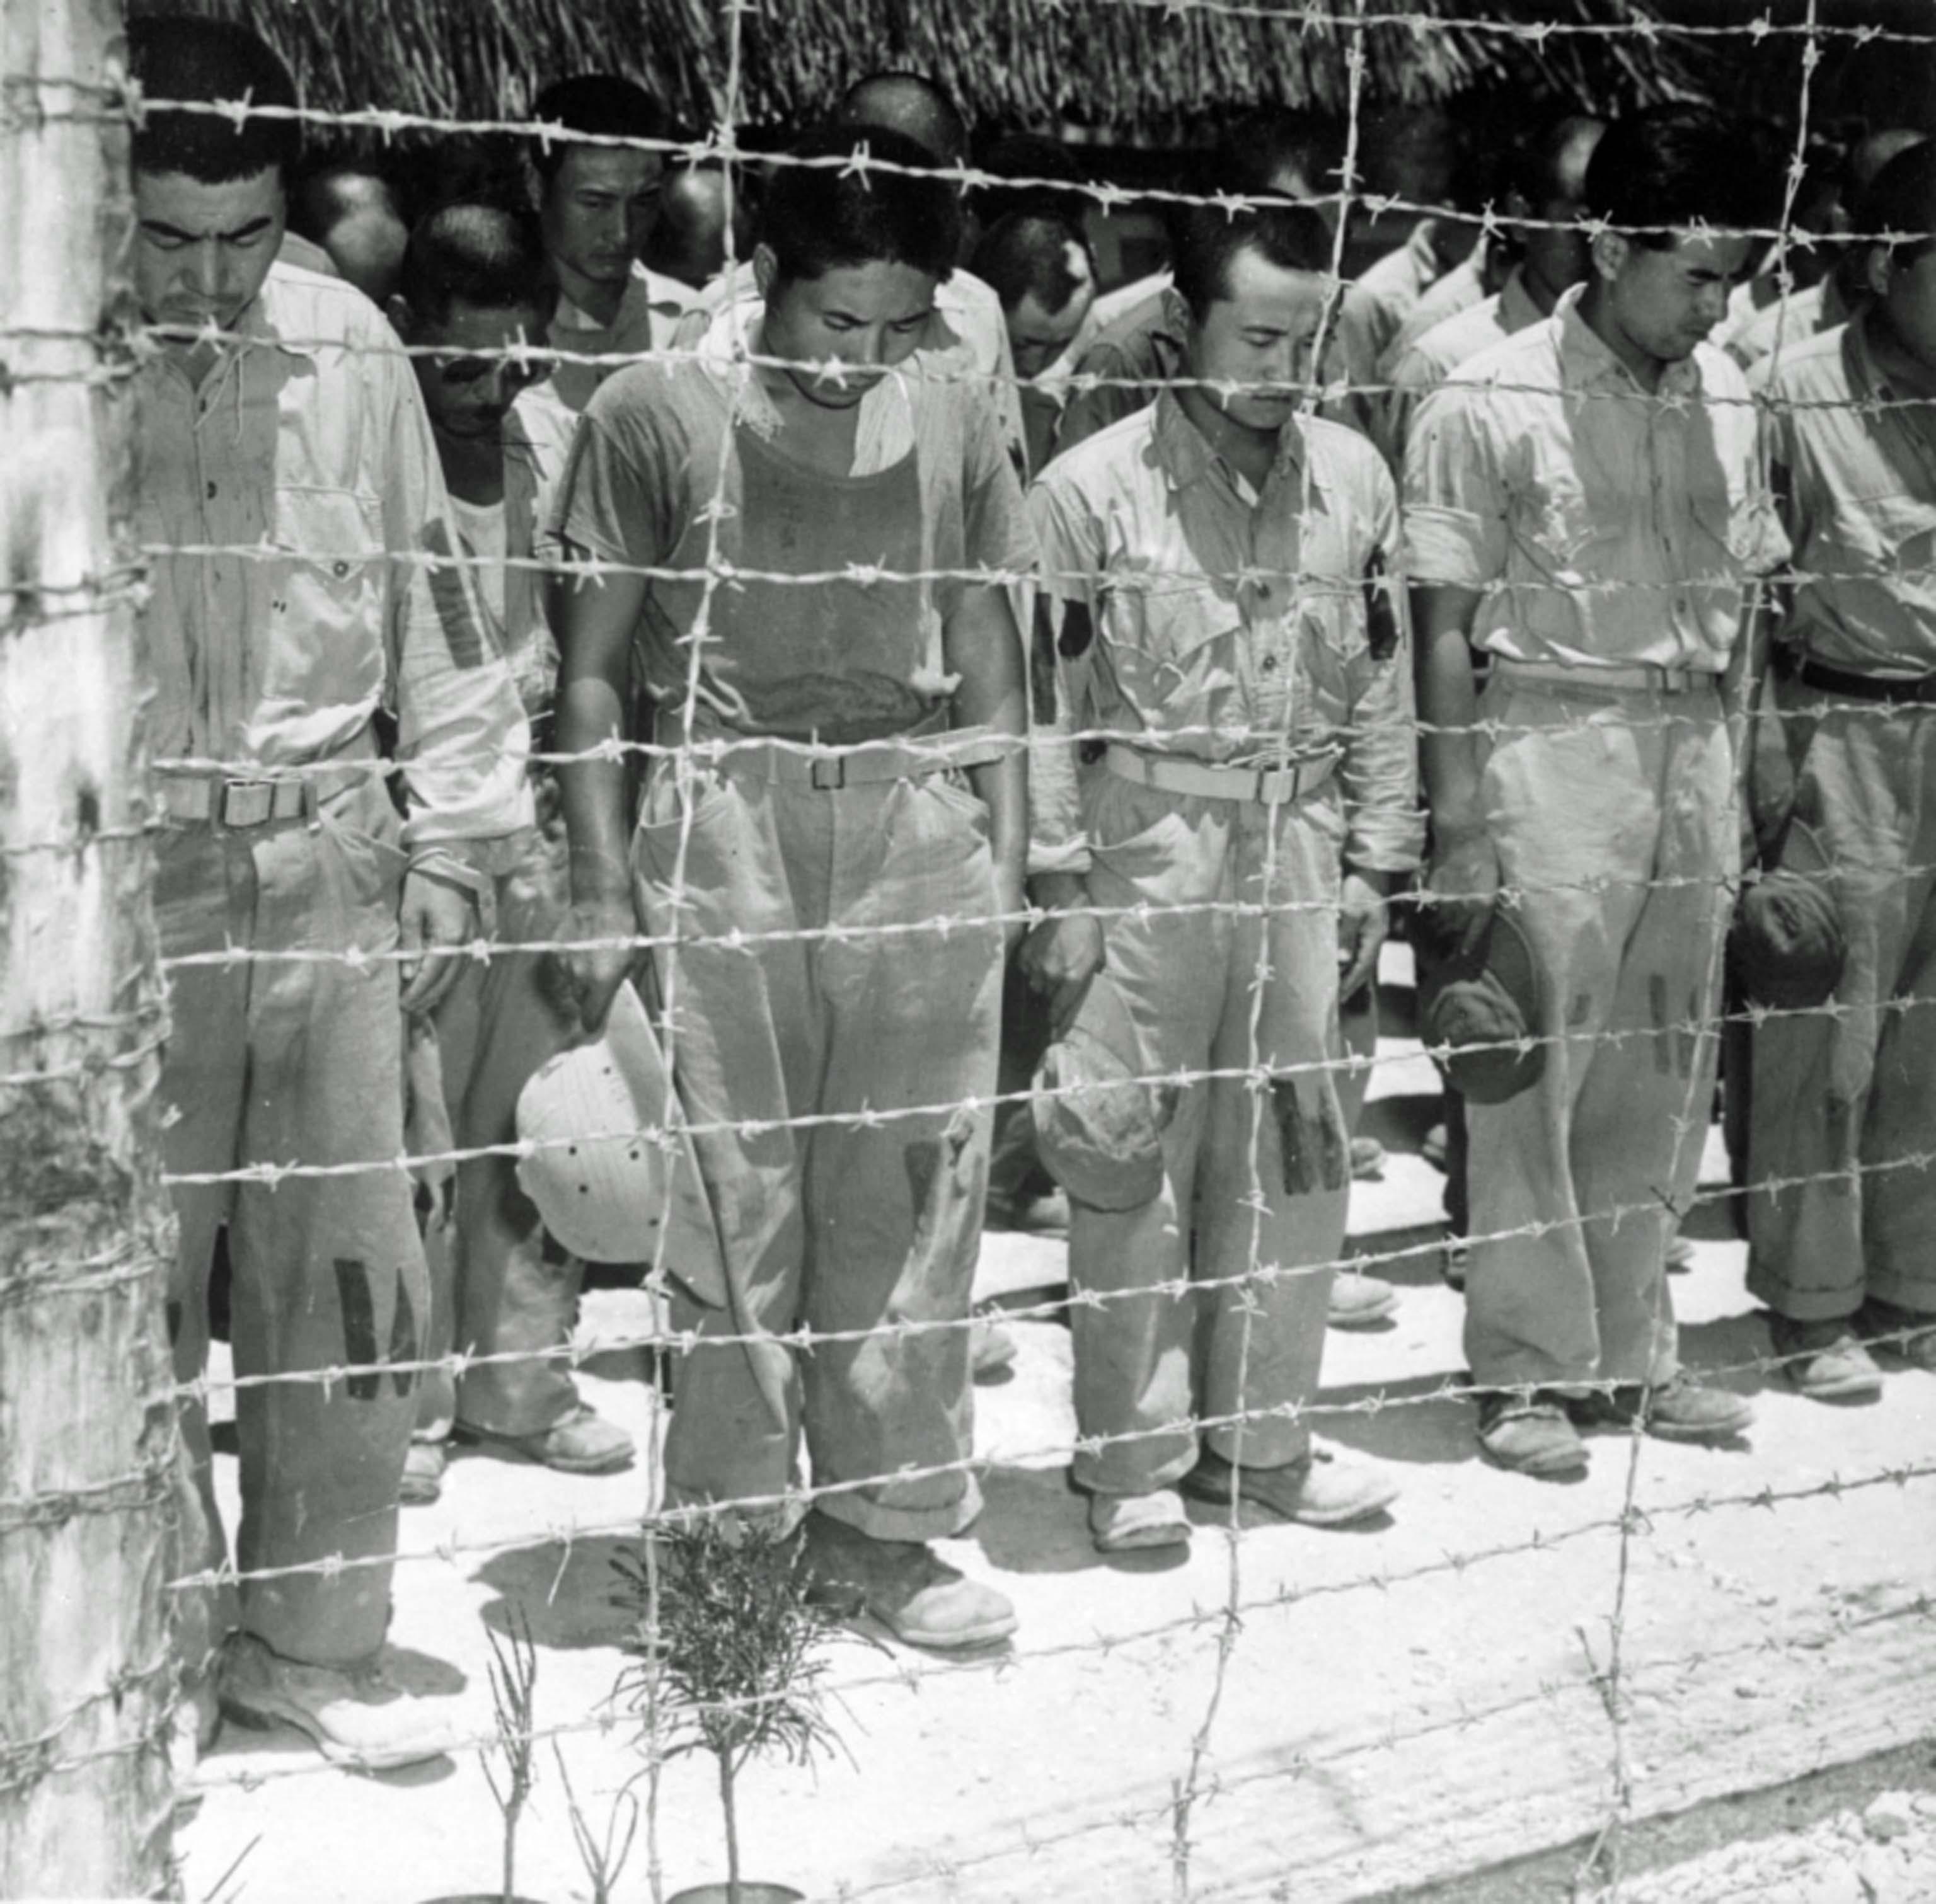 Captive Japanese